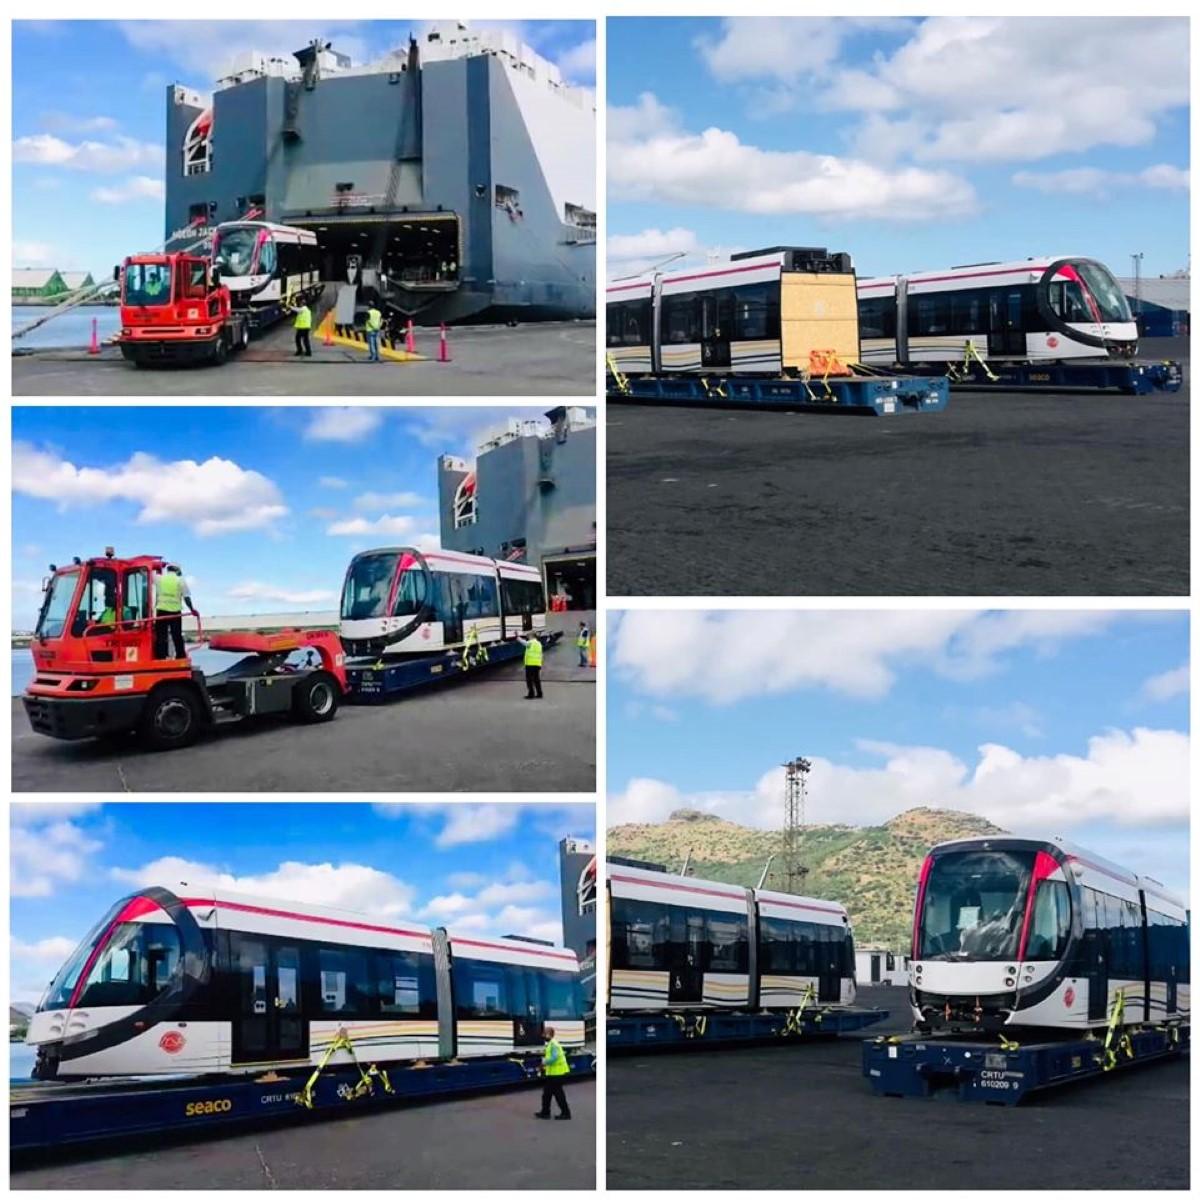 Le Metro Express prend livraison de son 16e wagon